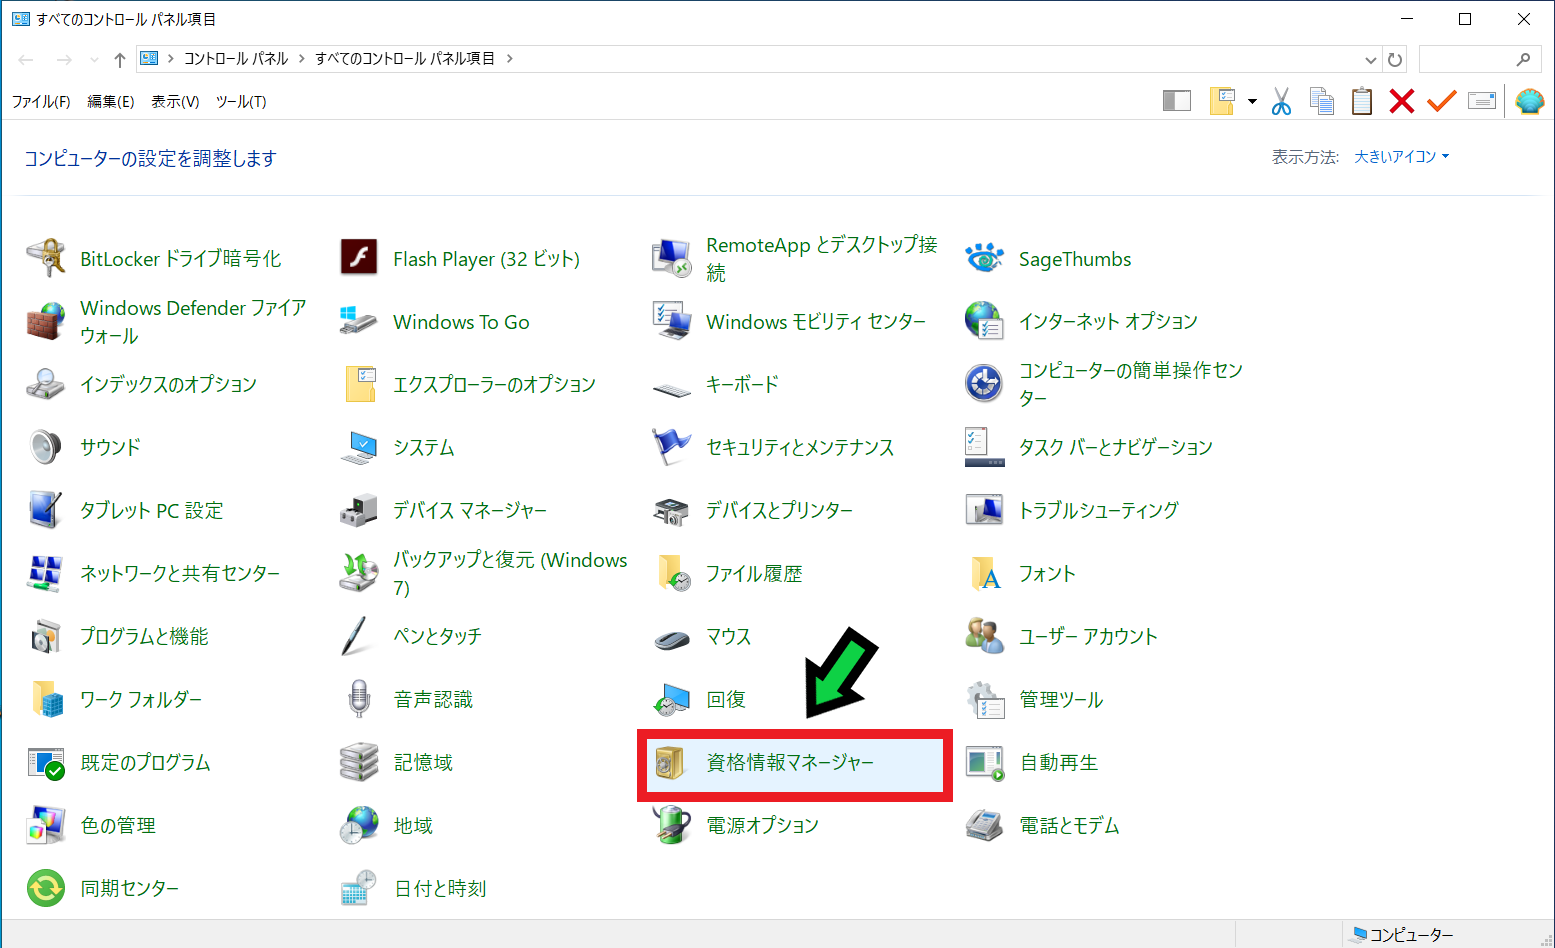 Intenet Exploler(IE)に保存されたパスワードを確認する方法【Windows10】